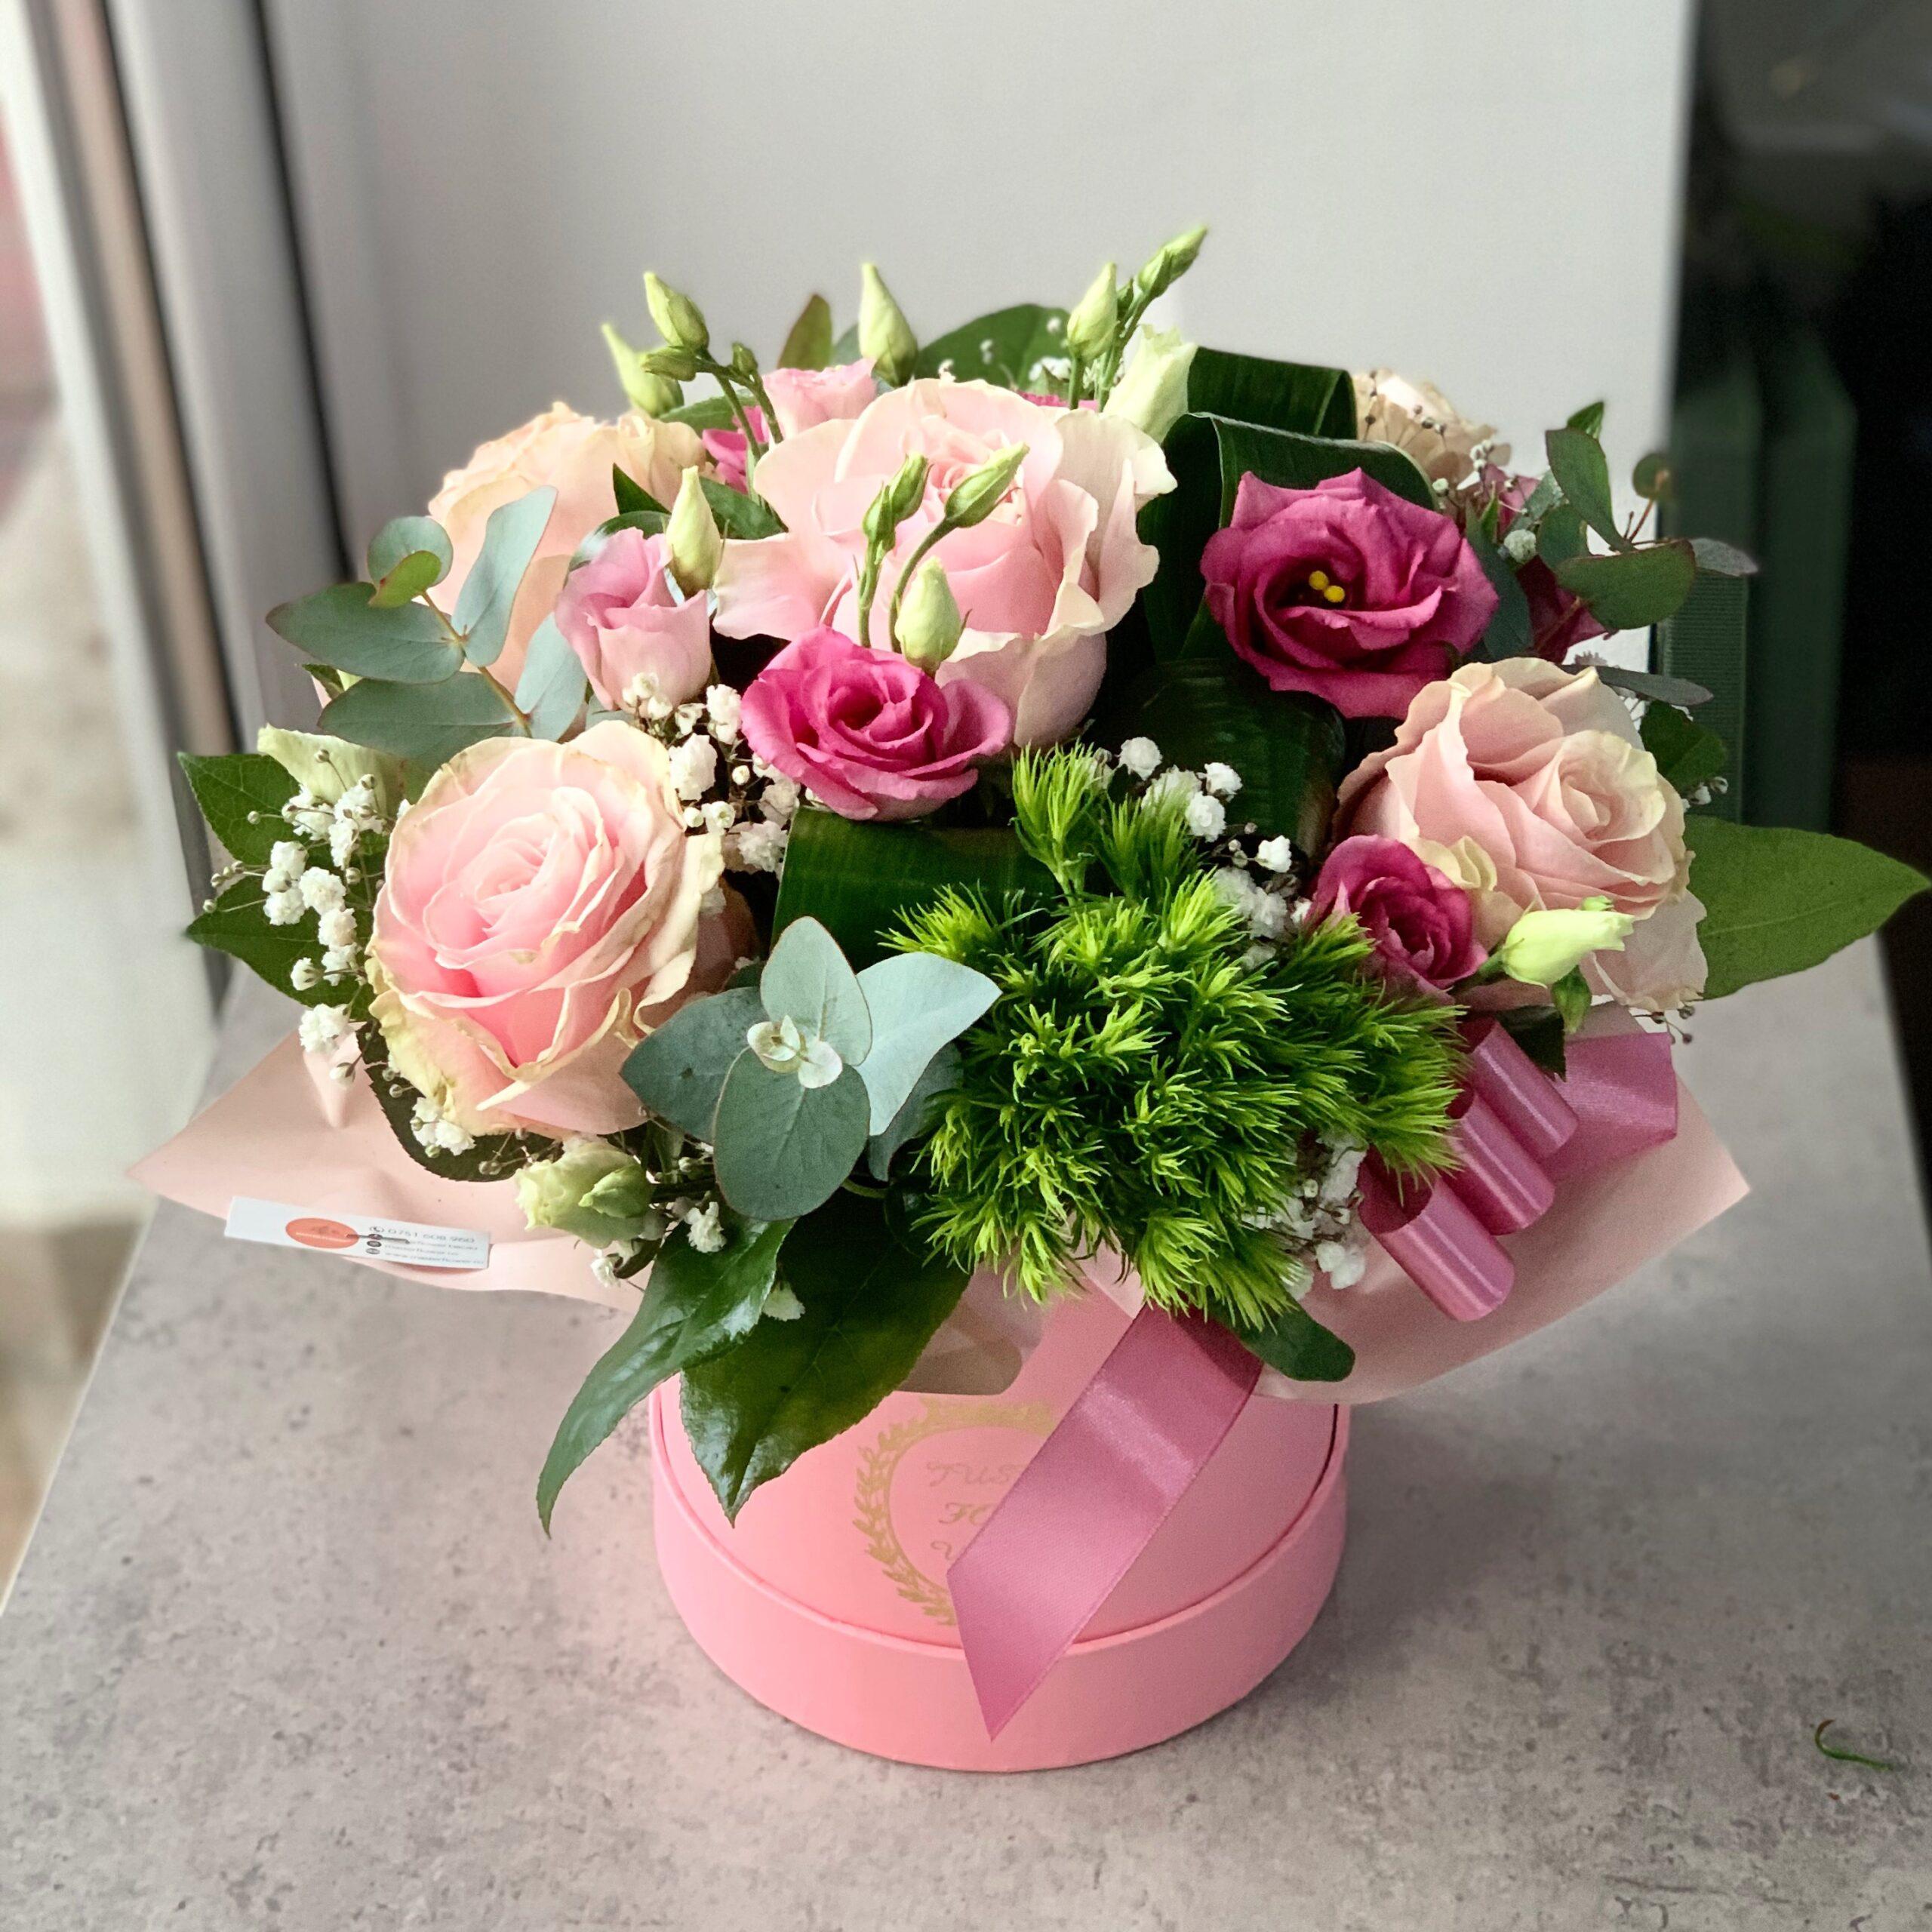 Aranjament cu trandafiri roz in cutie roz